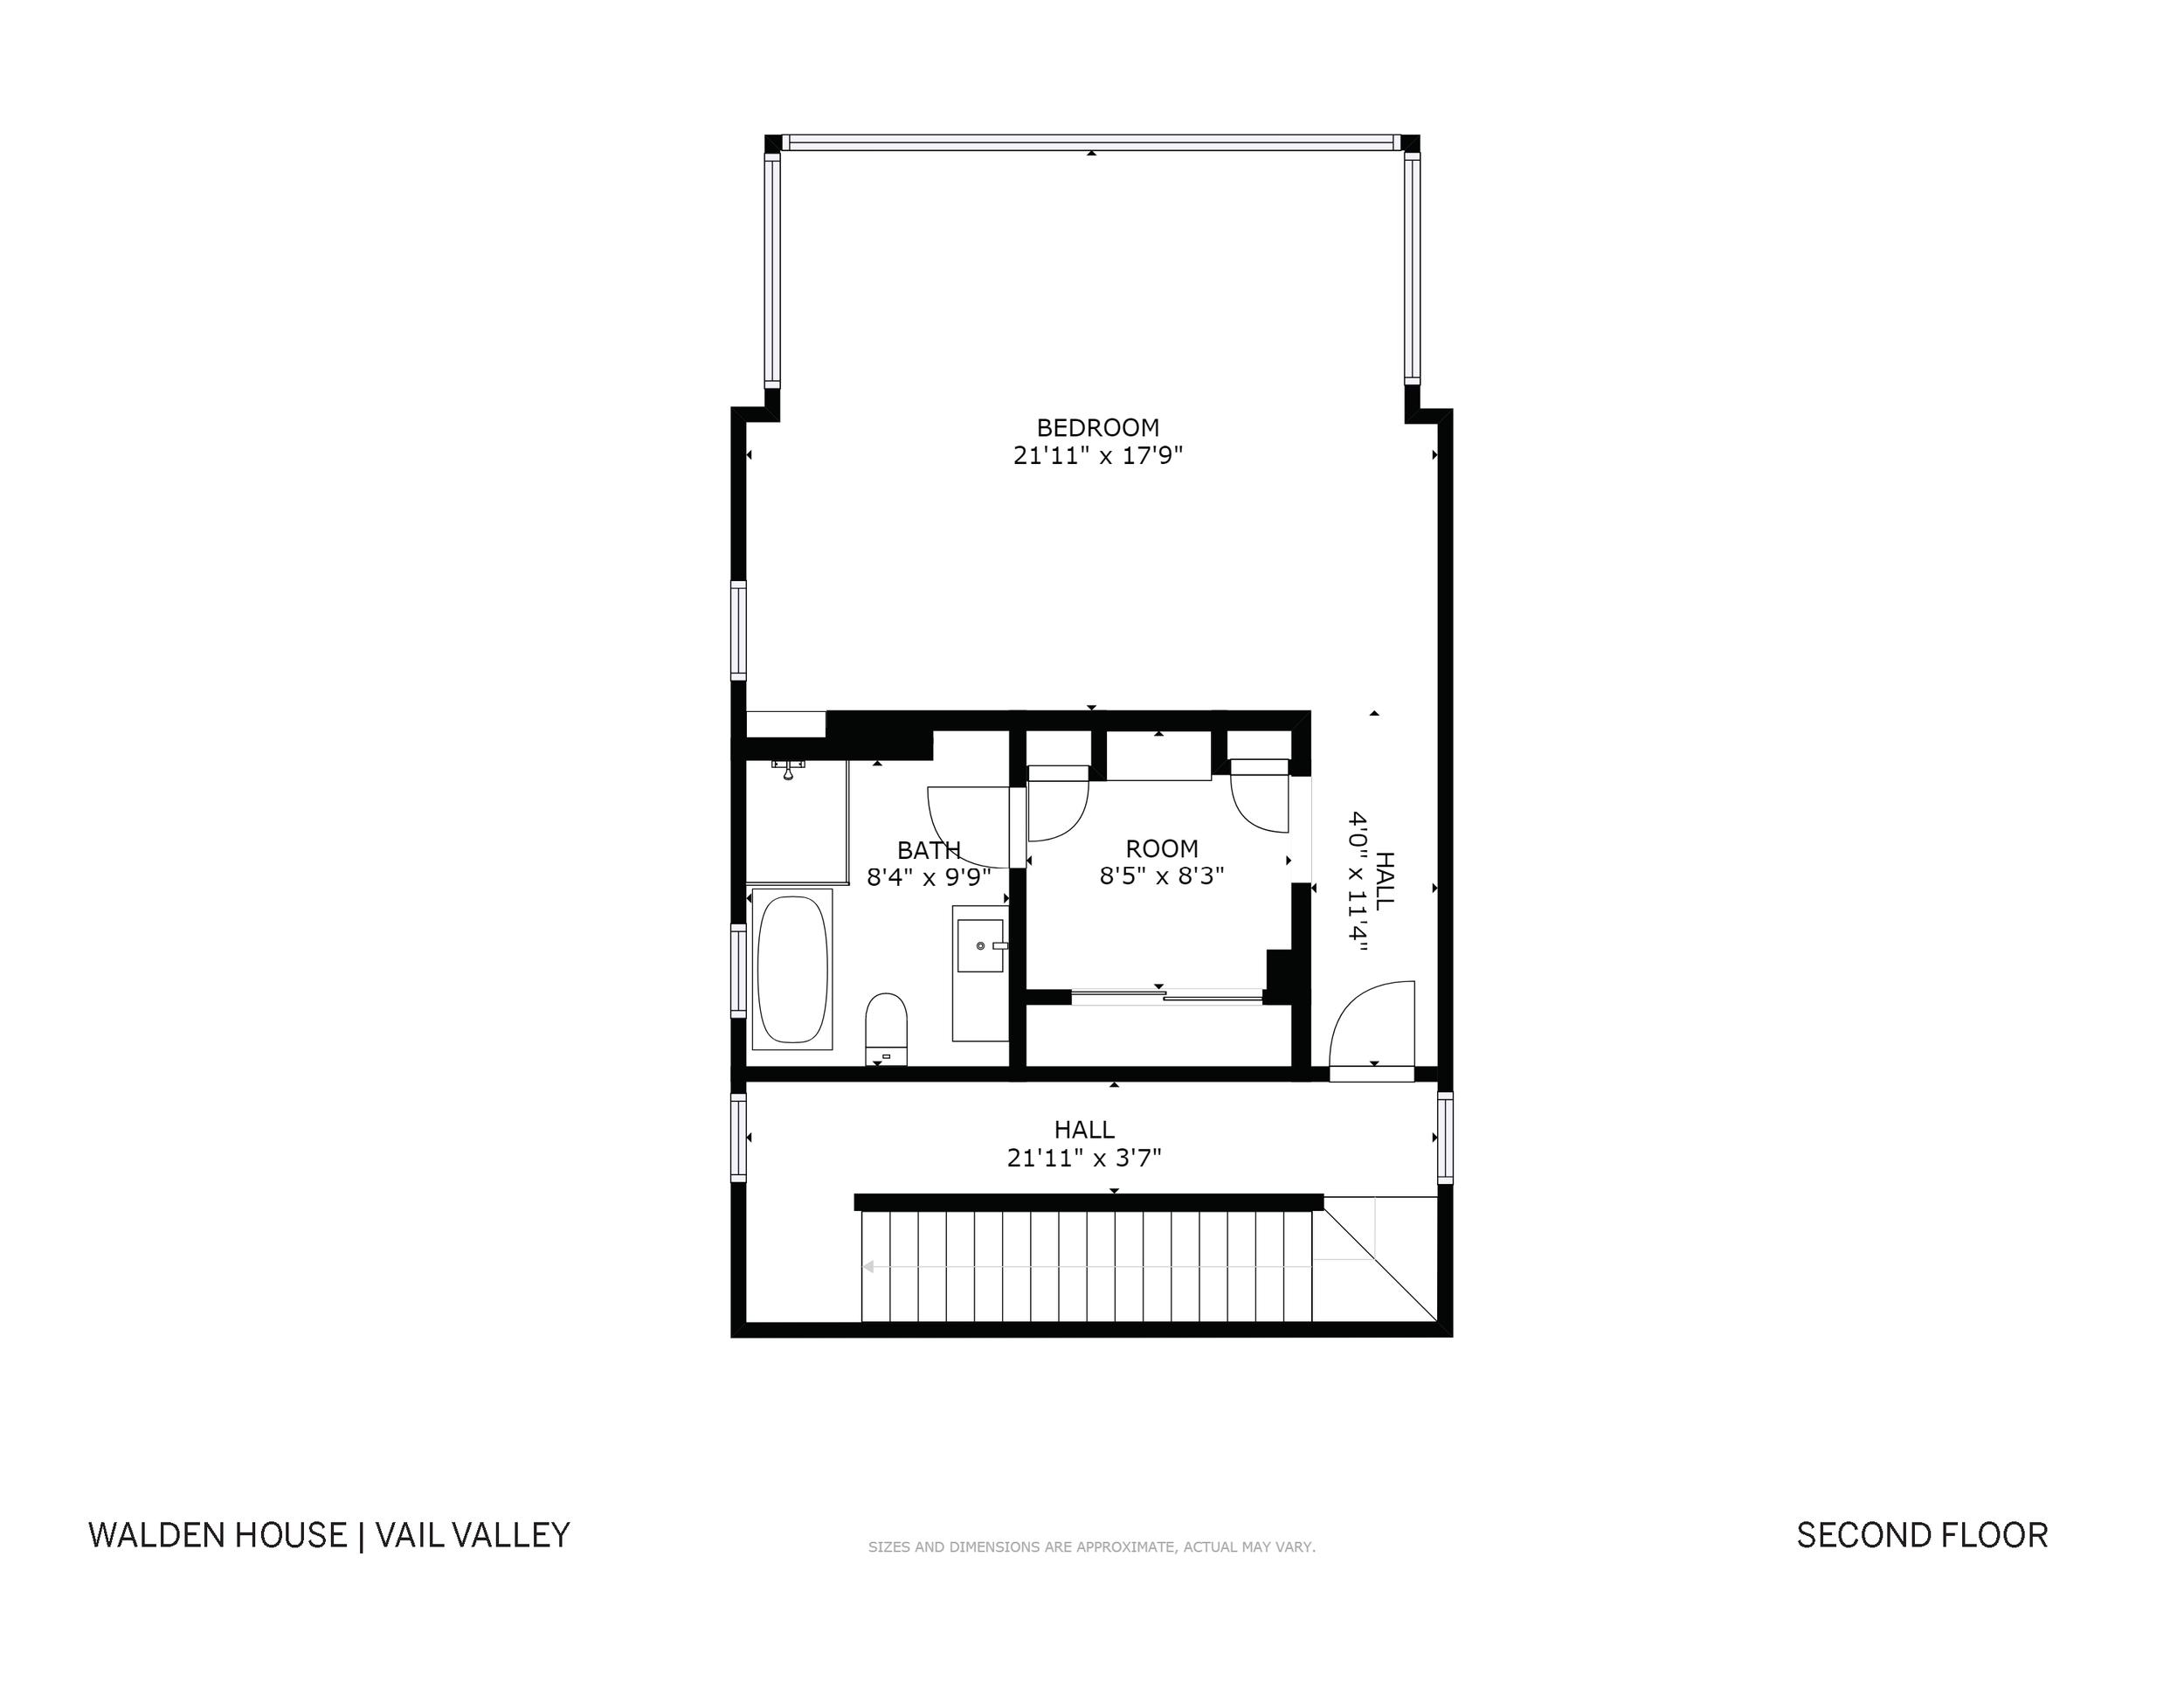 Floor Plans_Matterport - Walden_Page_3.png